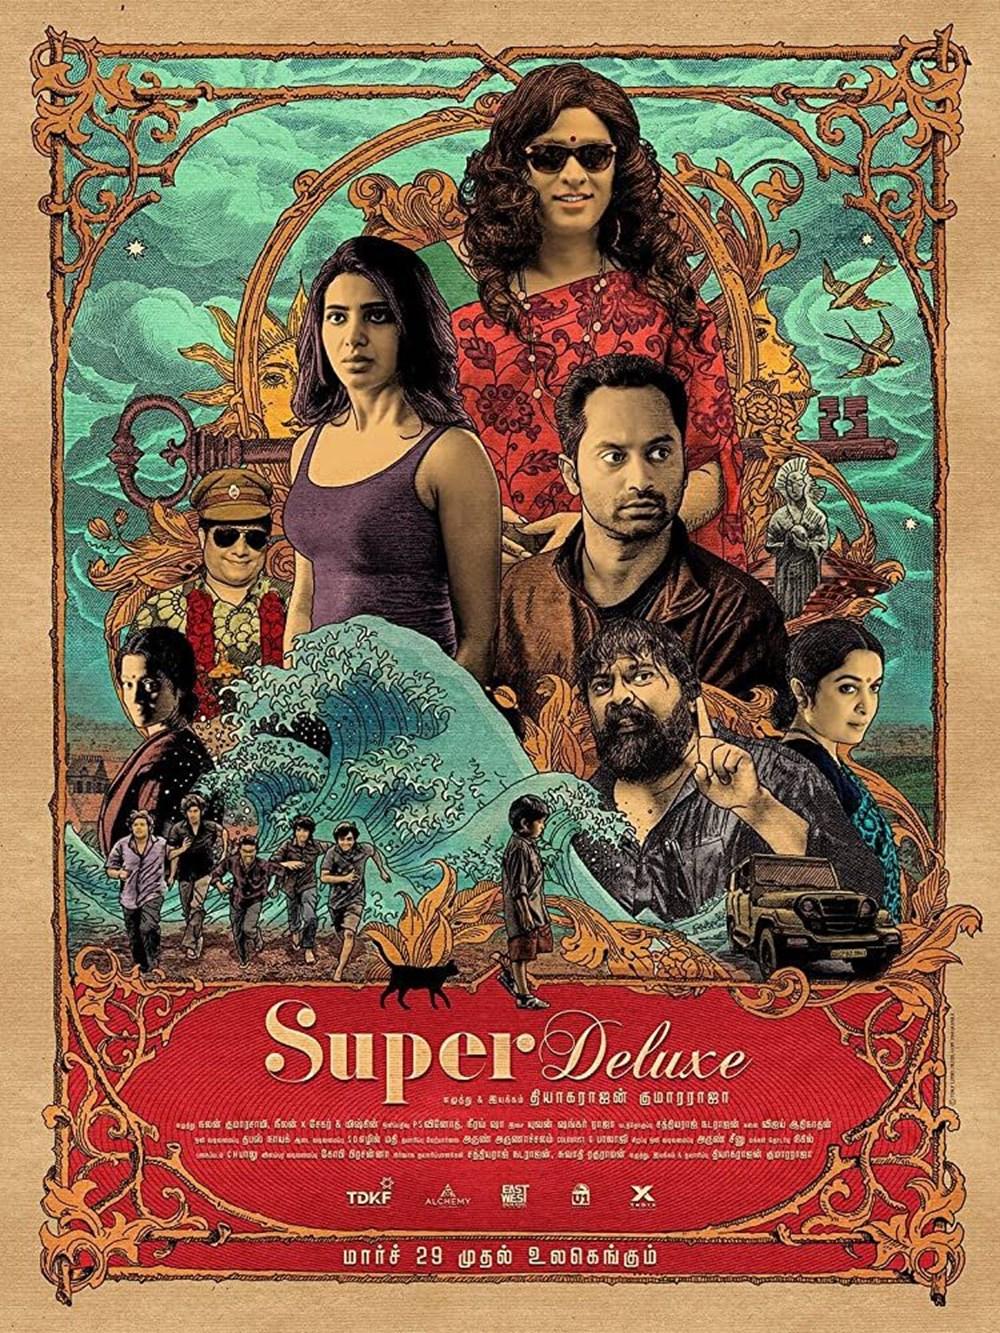 En iyi Hint filmleri - IMDb verileri (Bollywood sineması) - 15